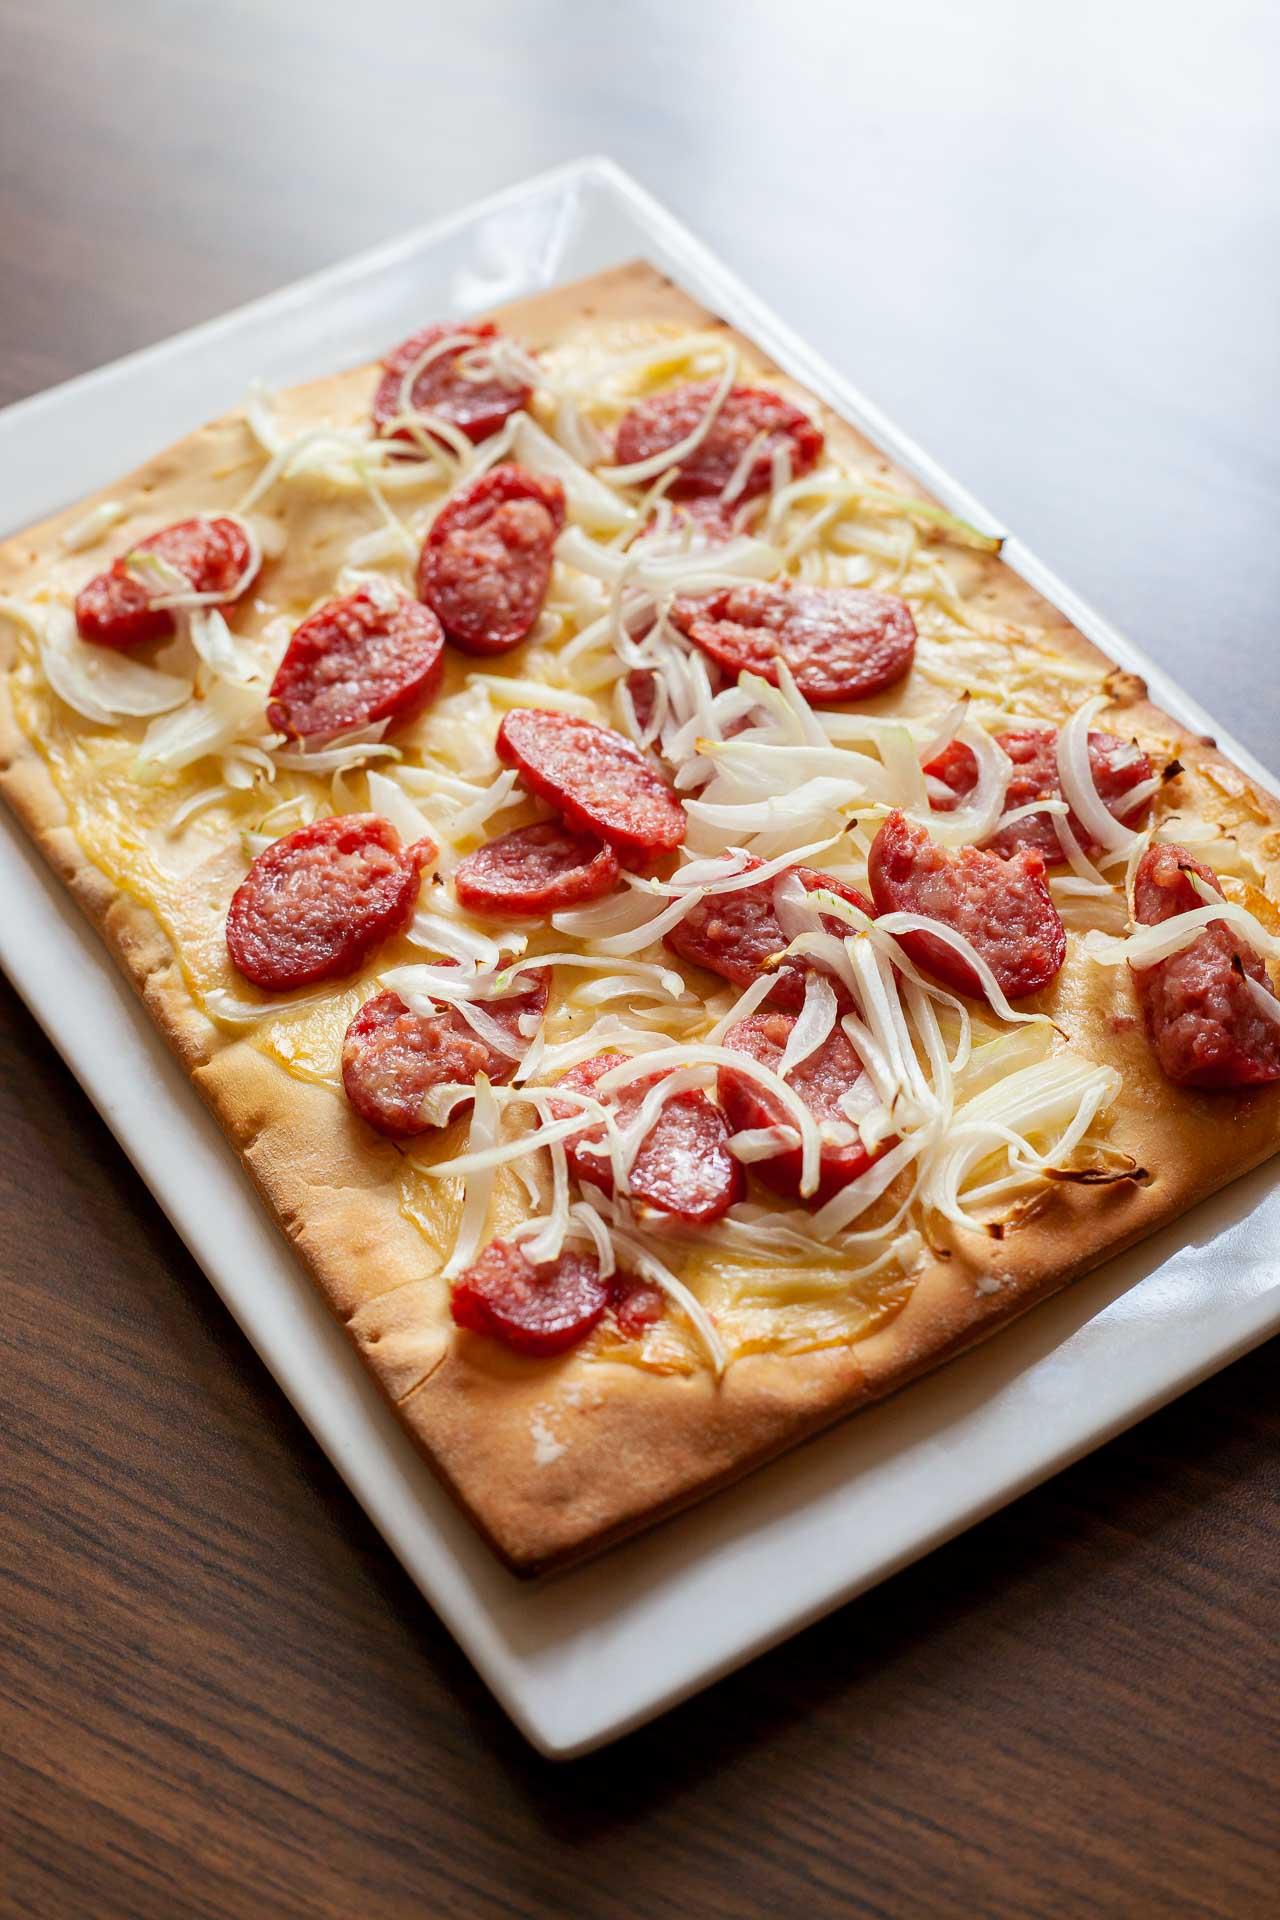 Flammkuchen, a tradicional pizza alemã, em formato quadrado, com cebolas e linguiça blumenau